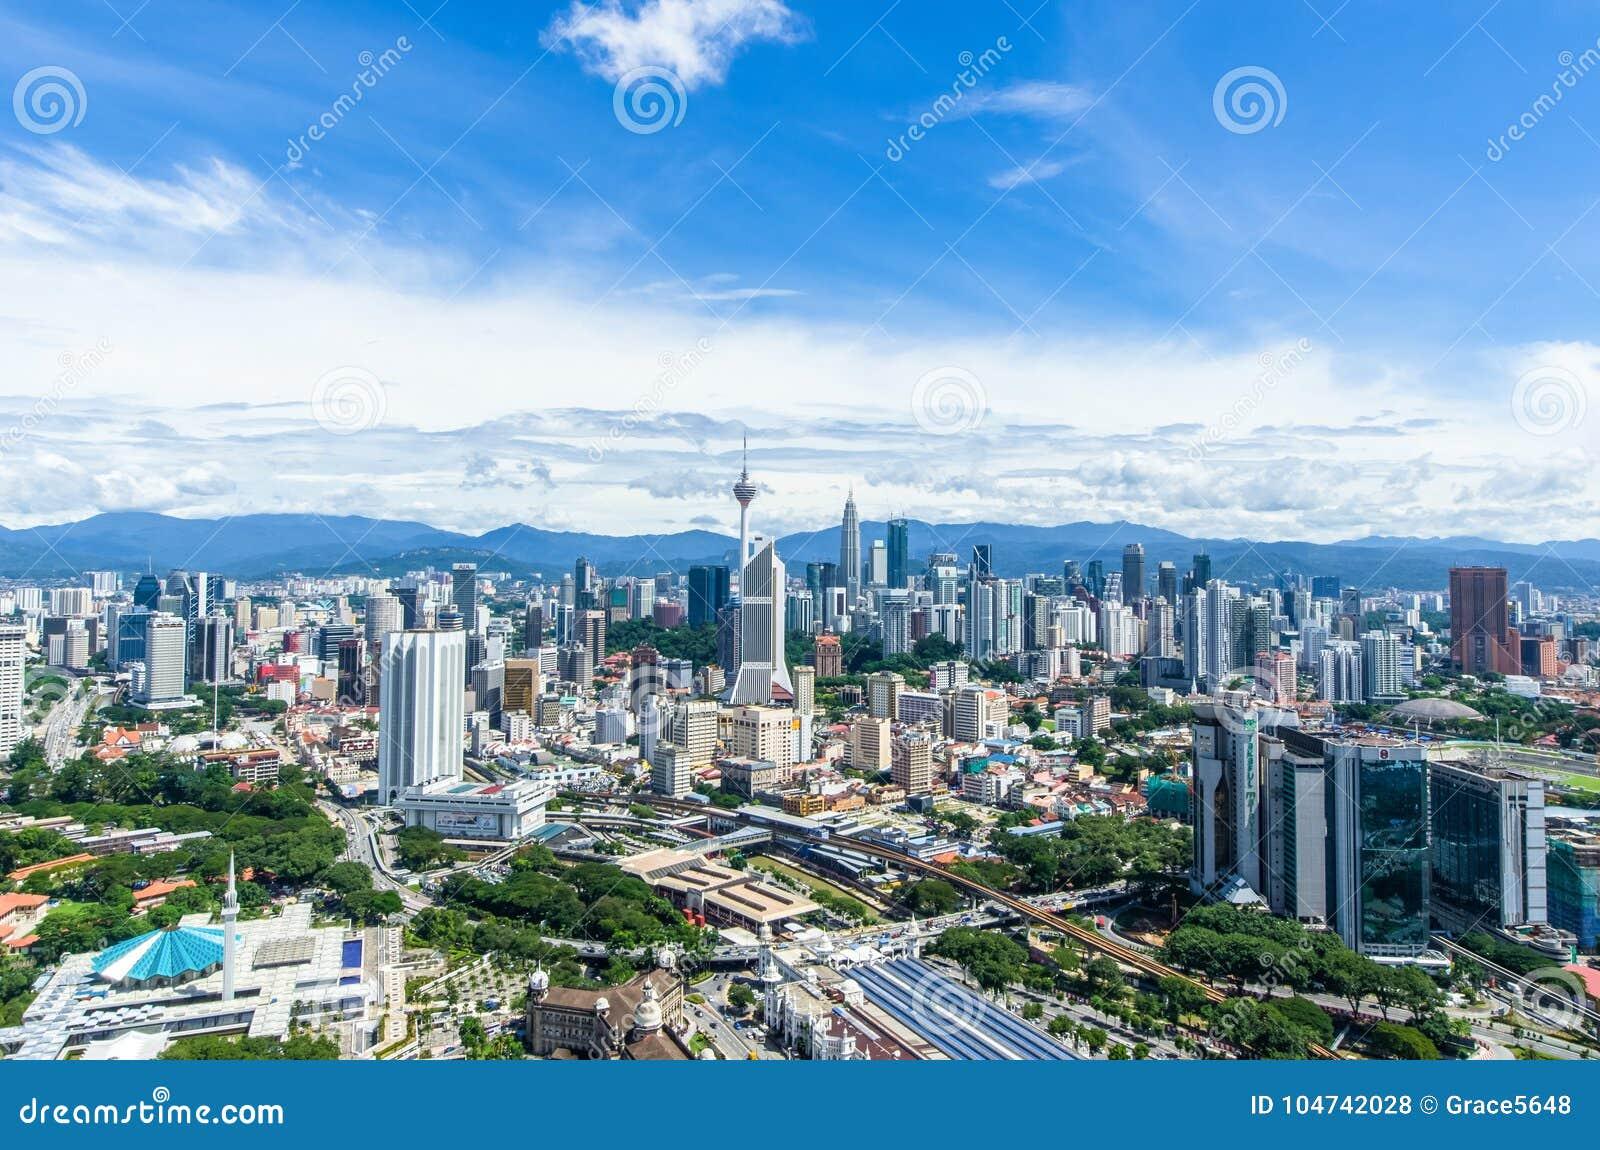 Stunning view of Kuala Lumpur cityscape. Kuala lumpur is the capital city of Malaysia.